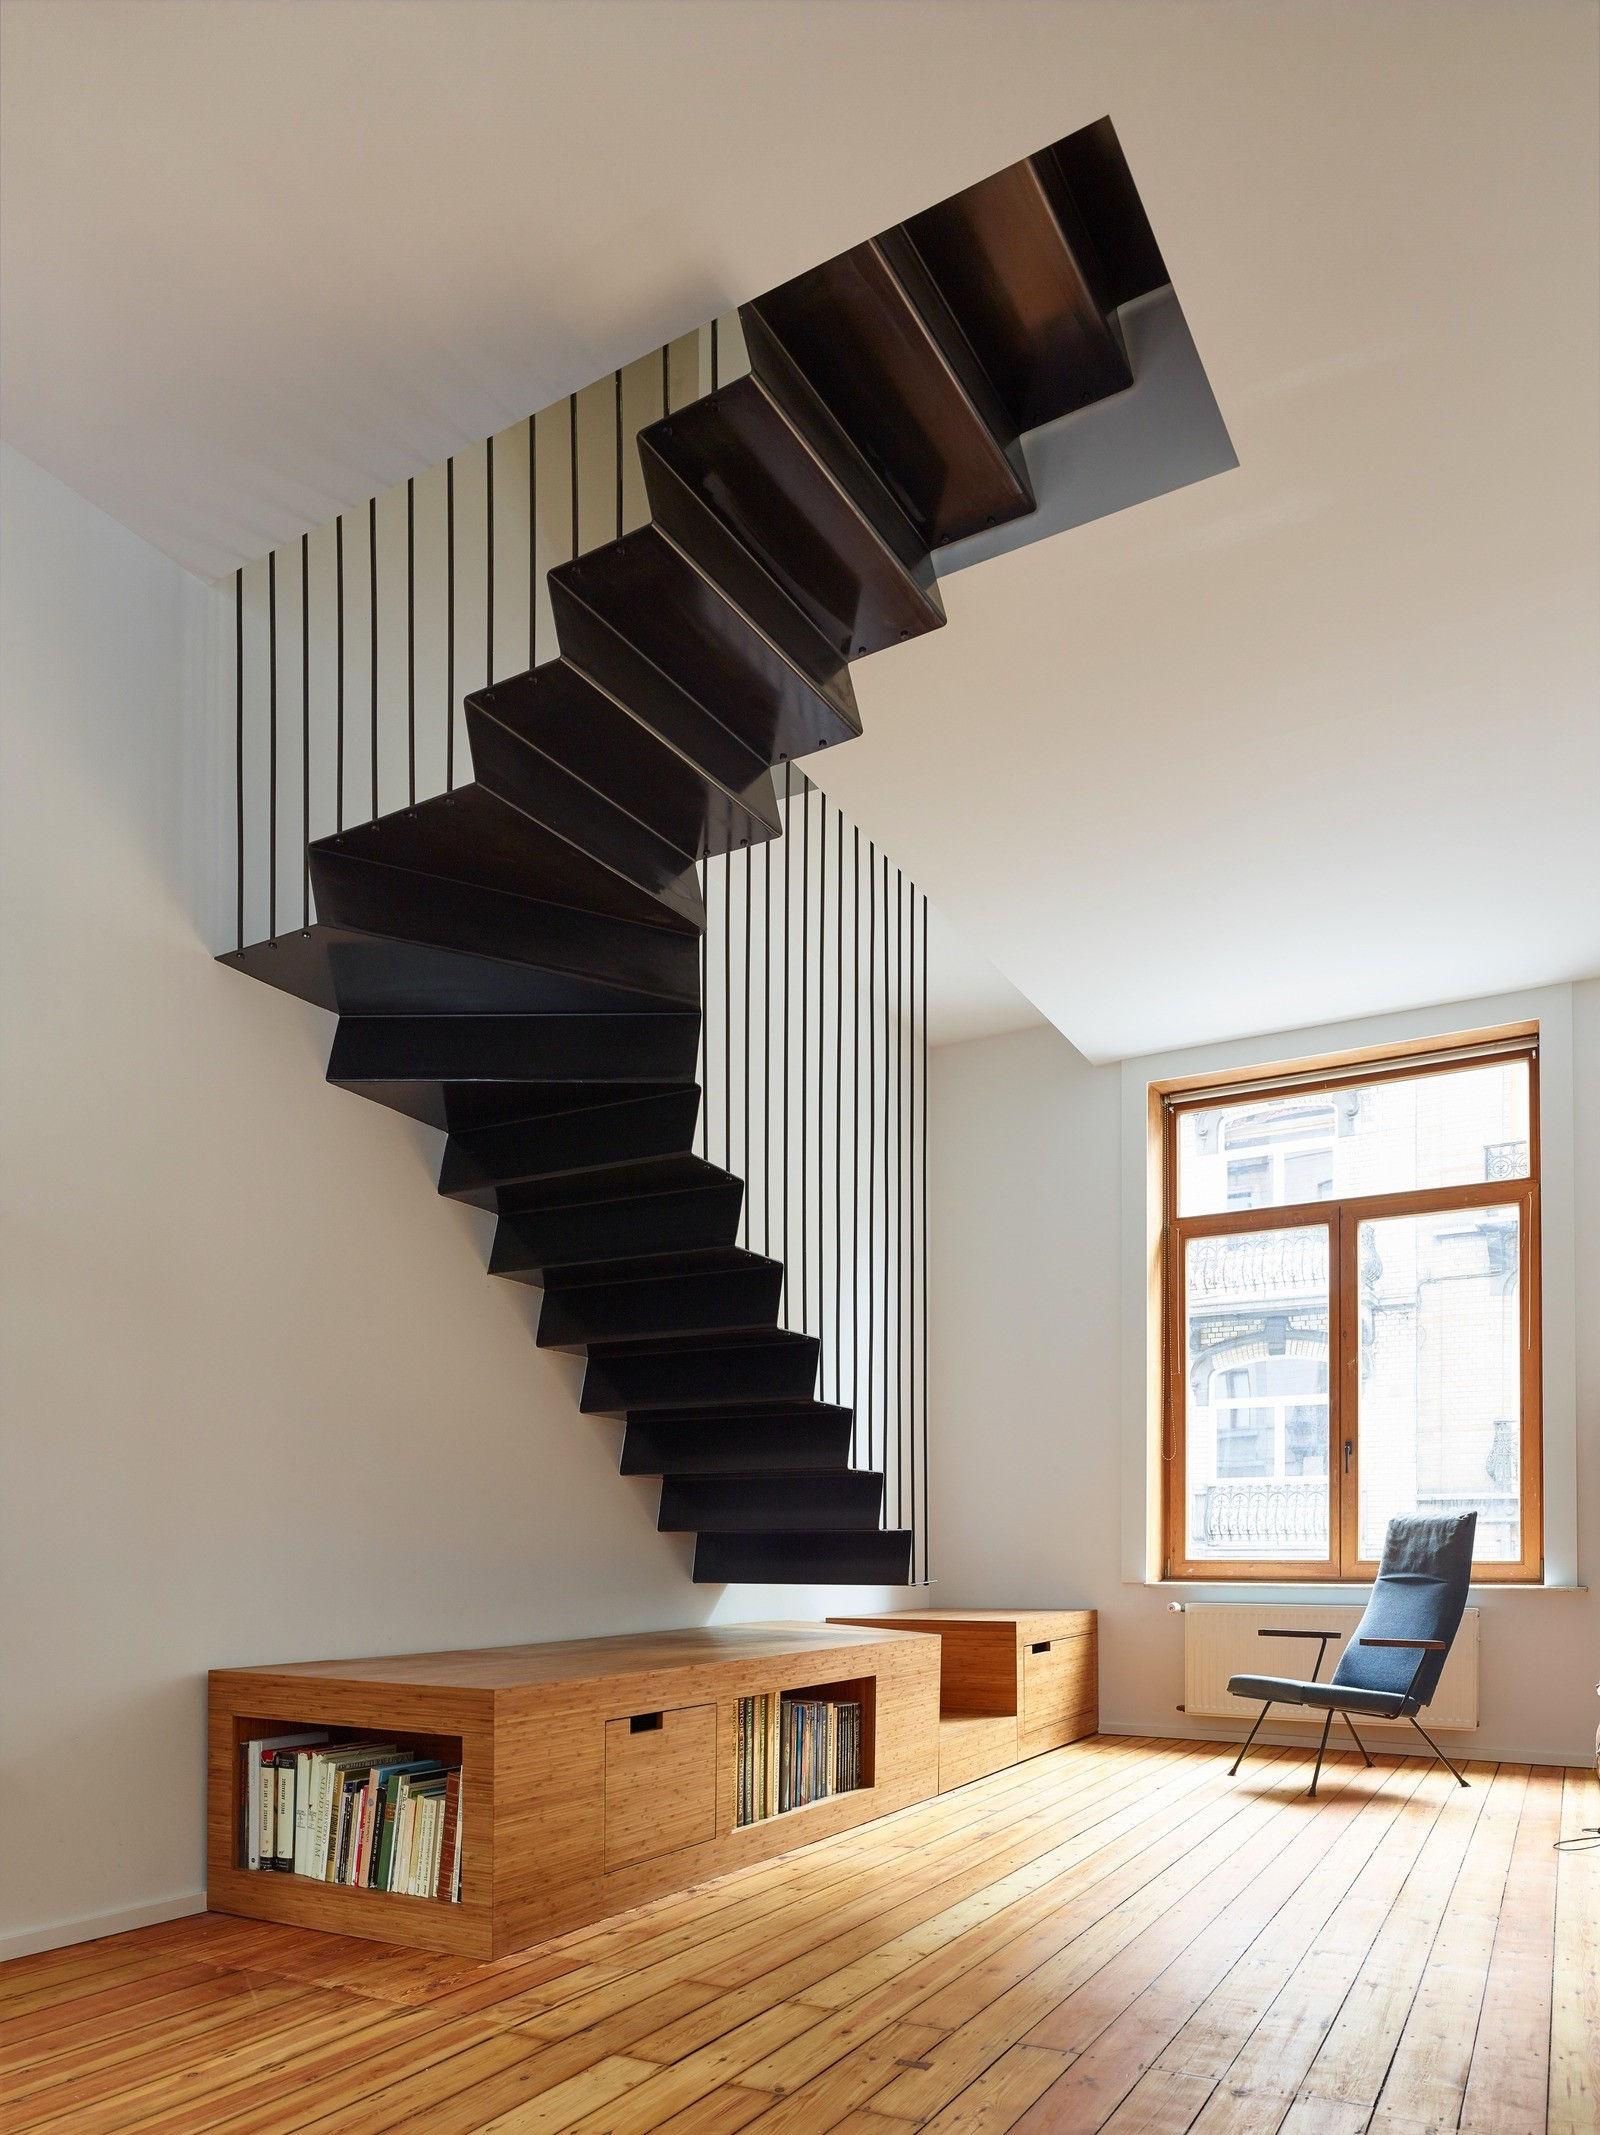 House-in-Belgium-just3ds.com-15